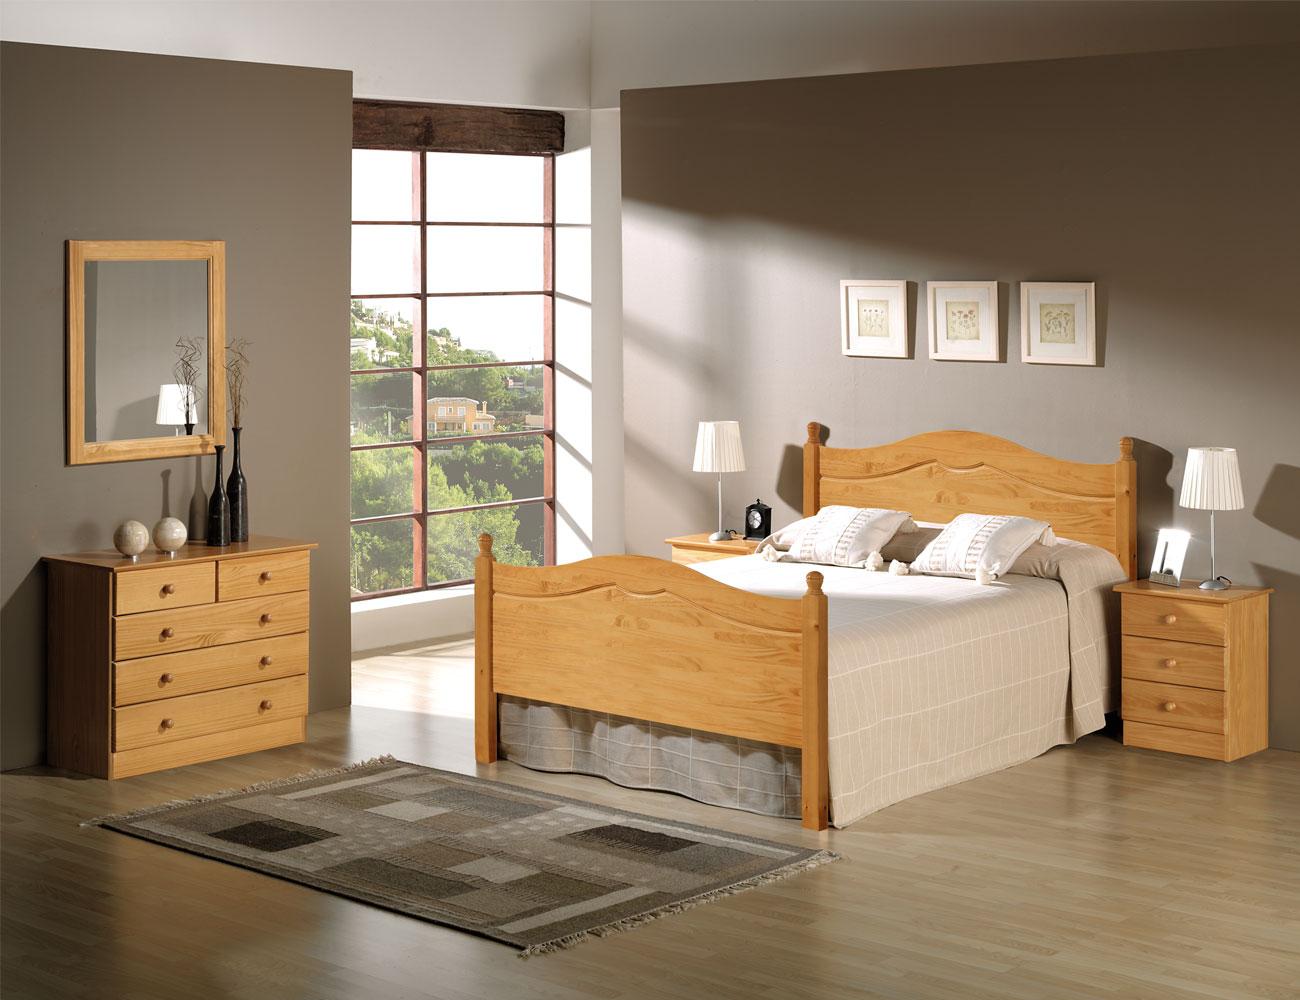 Malaga dormitorio matrimonio madera pino provenzal3